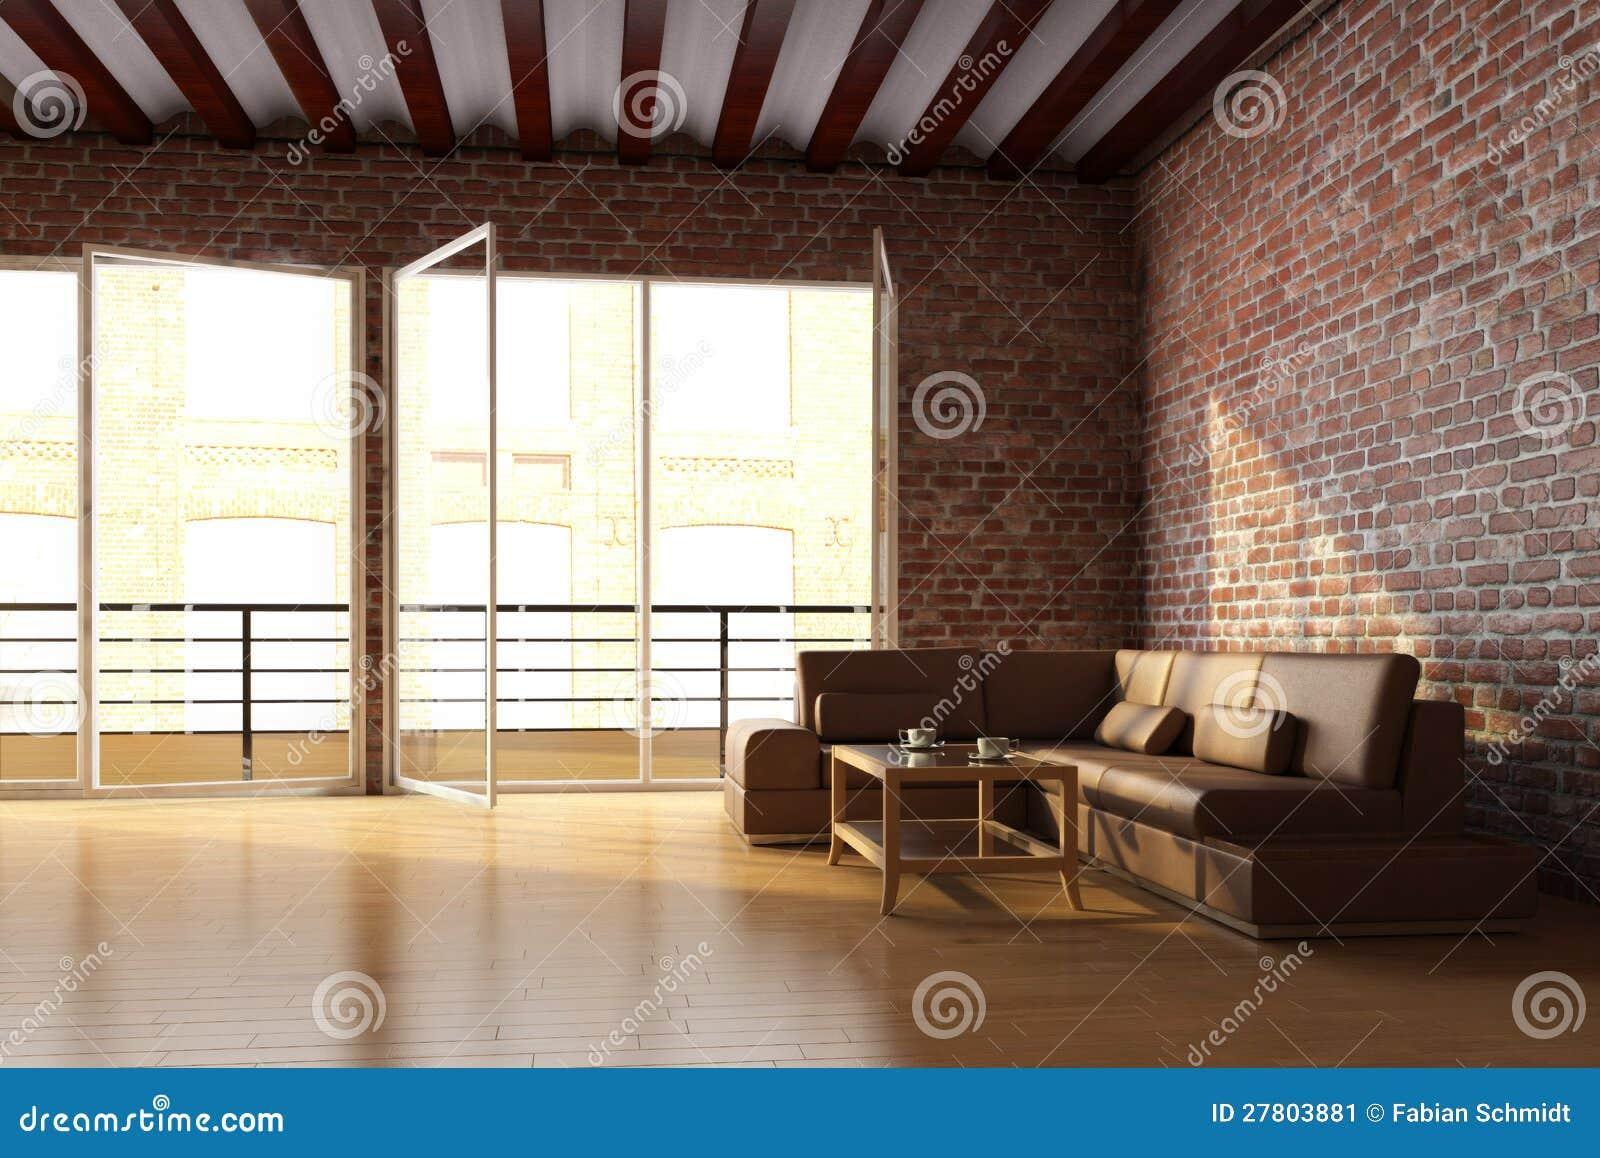 Het Binnenland Van De Zolder Met Bakstenen Muur Stock Afbeelding ...